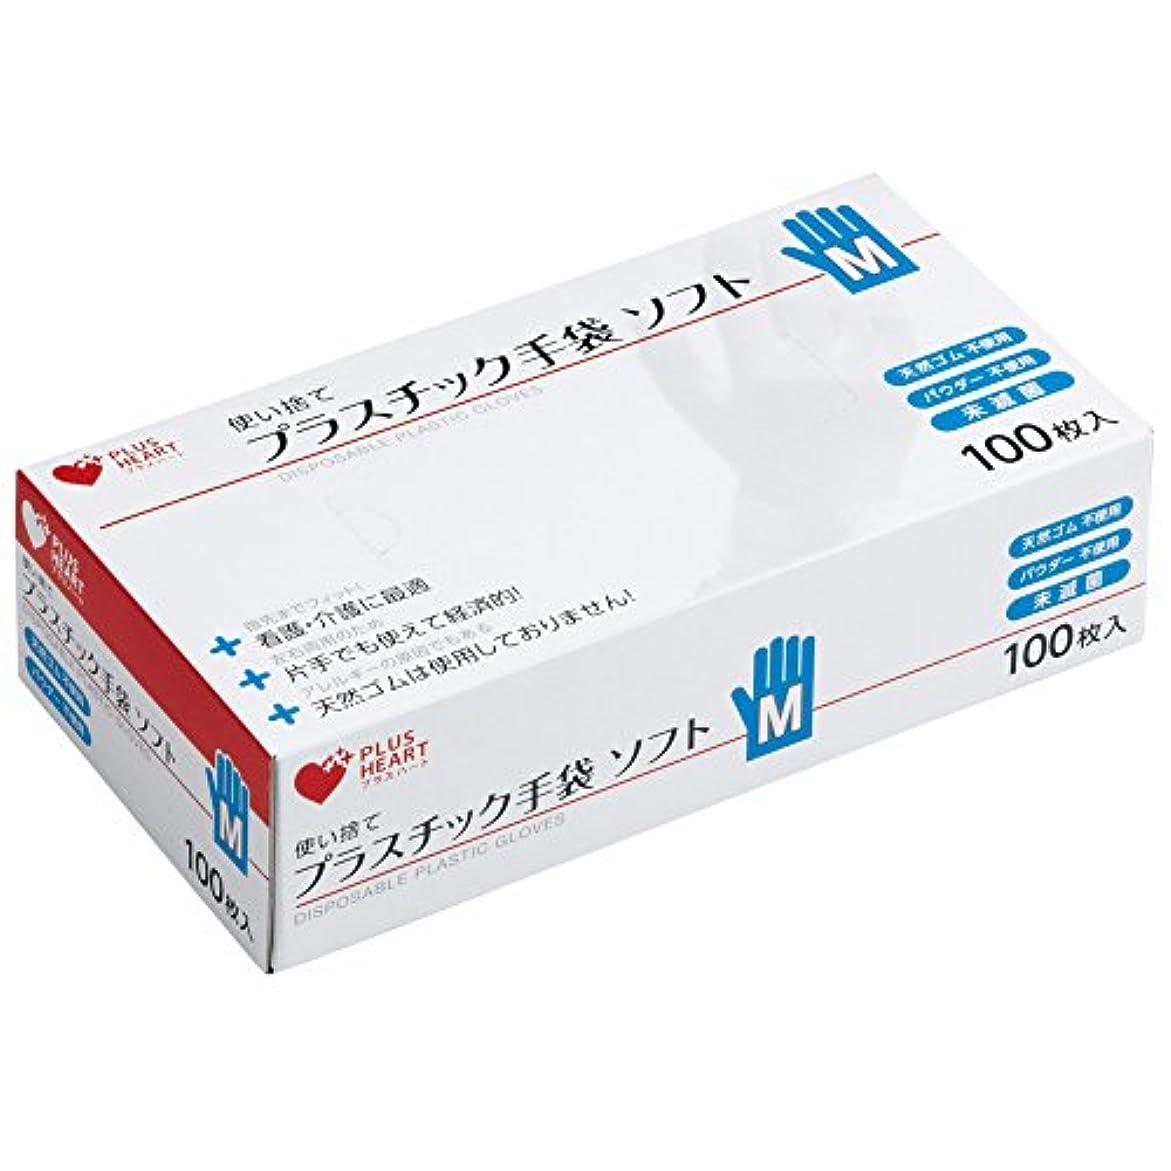 ピラミッドタイマー深くオオサキメディカル プラスハート 使い捨てプラスチック手袋 ソフト Mサイズ 100枚入